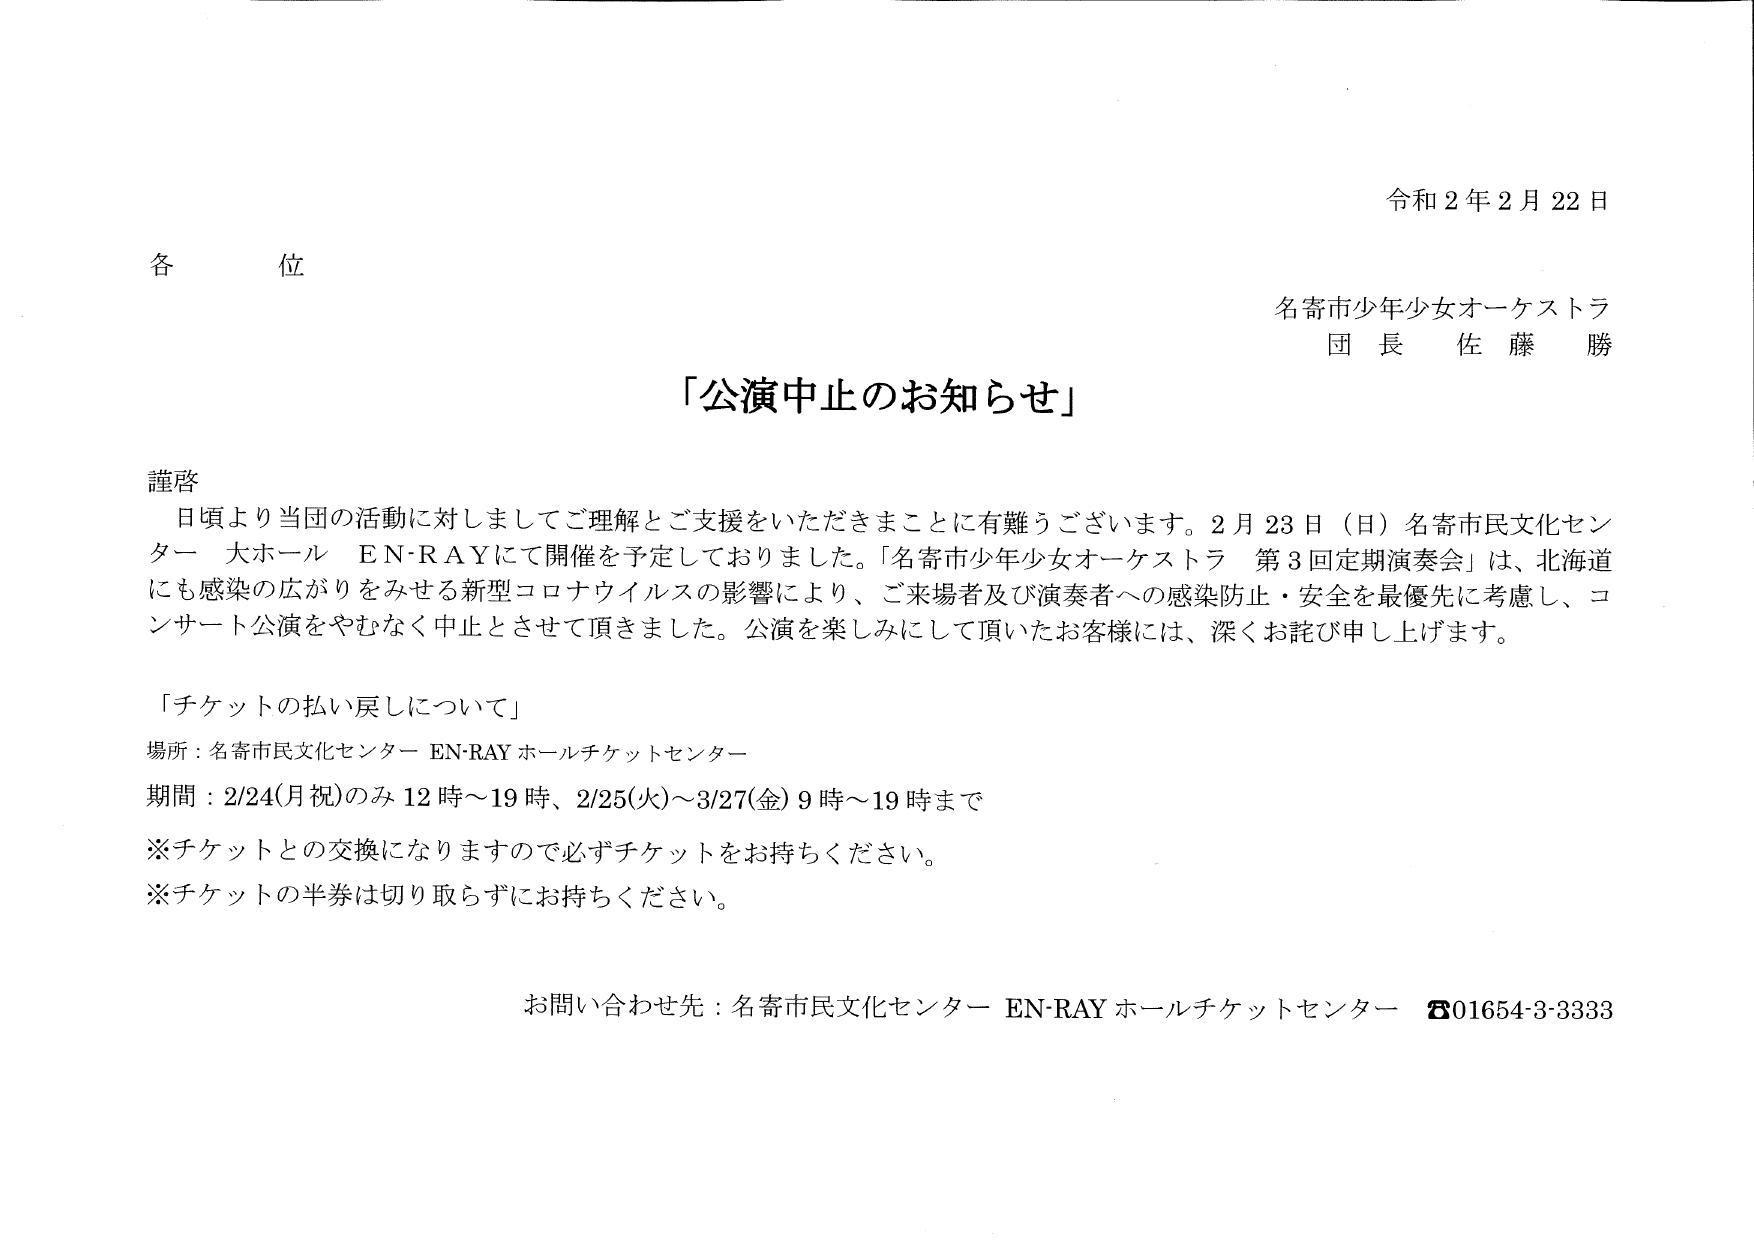 【お知らせ】 名寄市少年少女オーケストラ 第3回定期演奏会